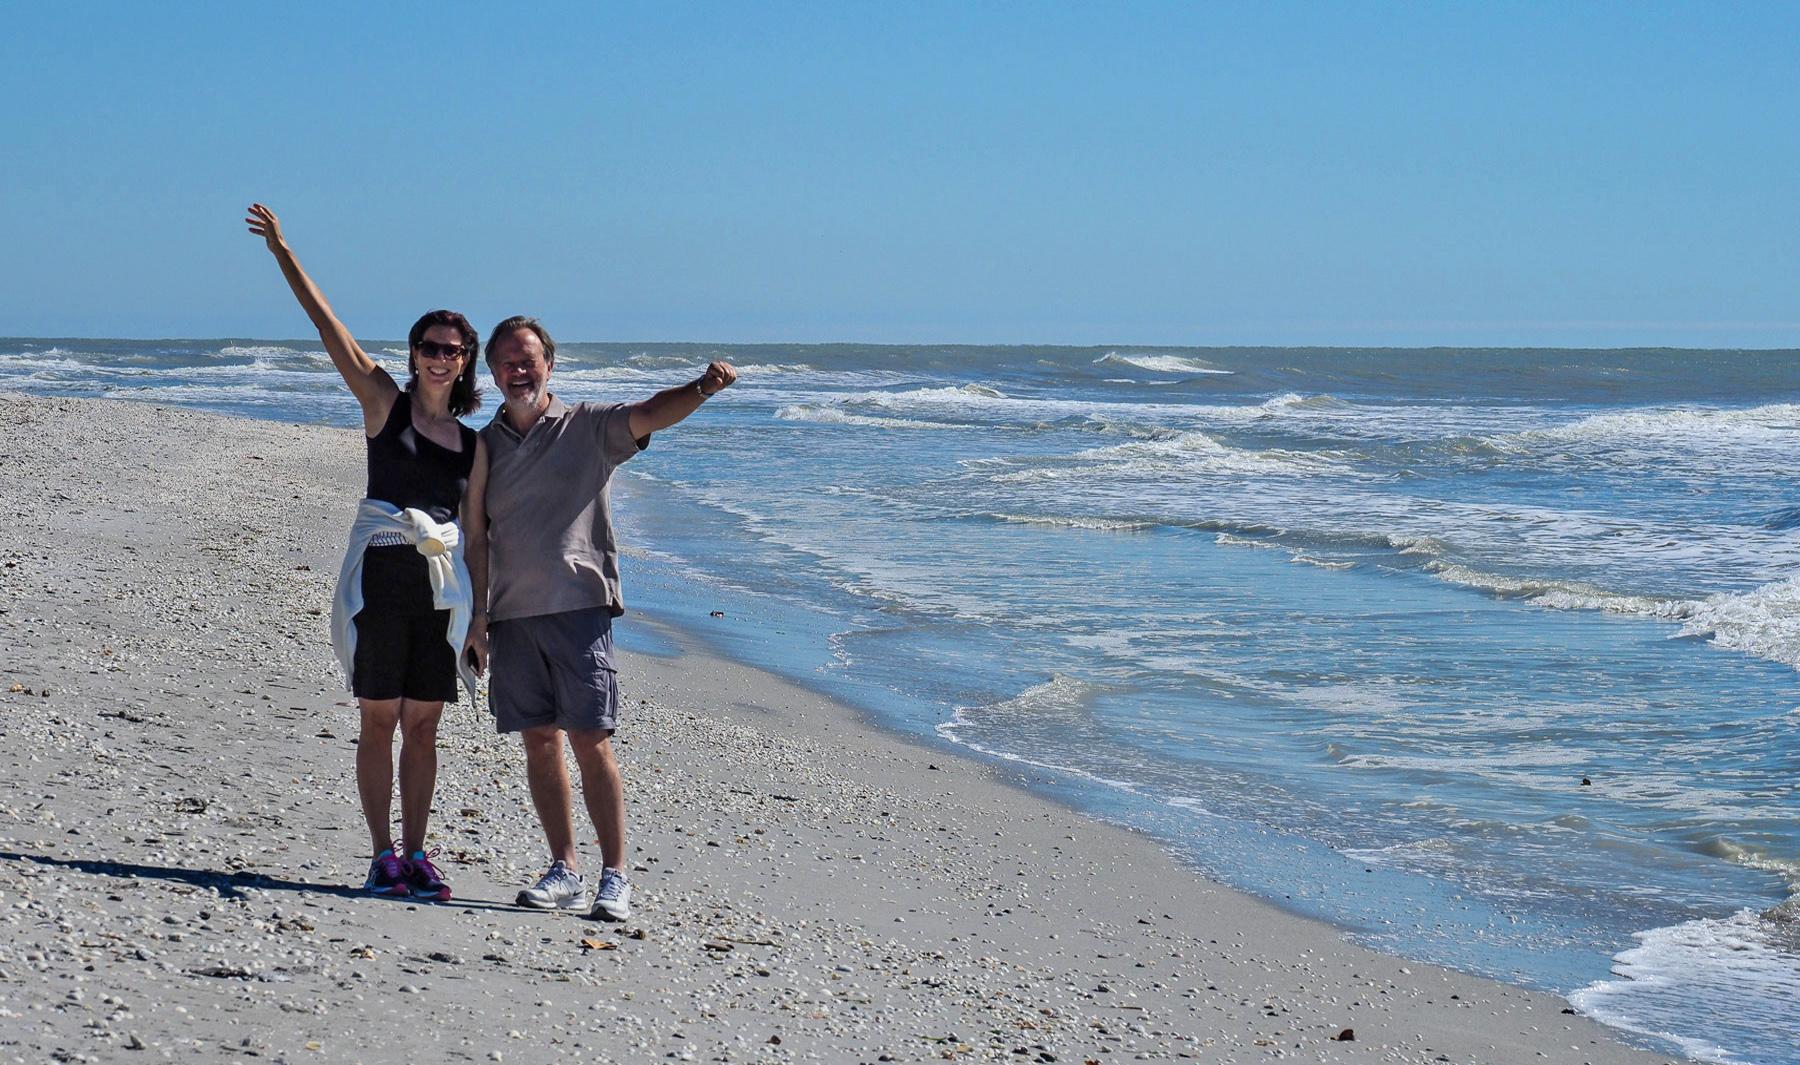 Ausgelassener Spaziergang am Strand